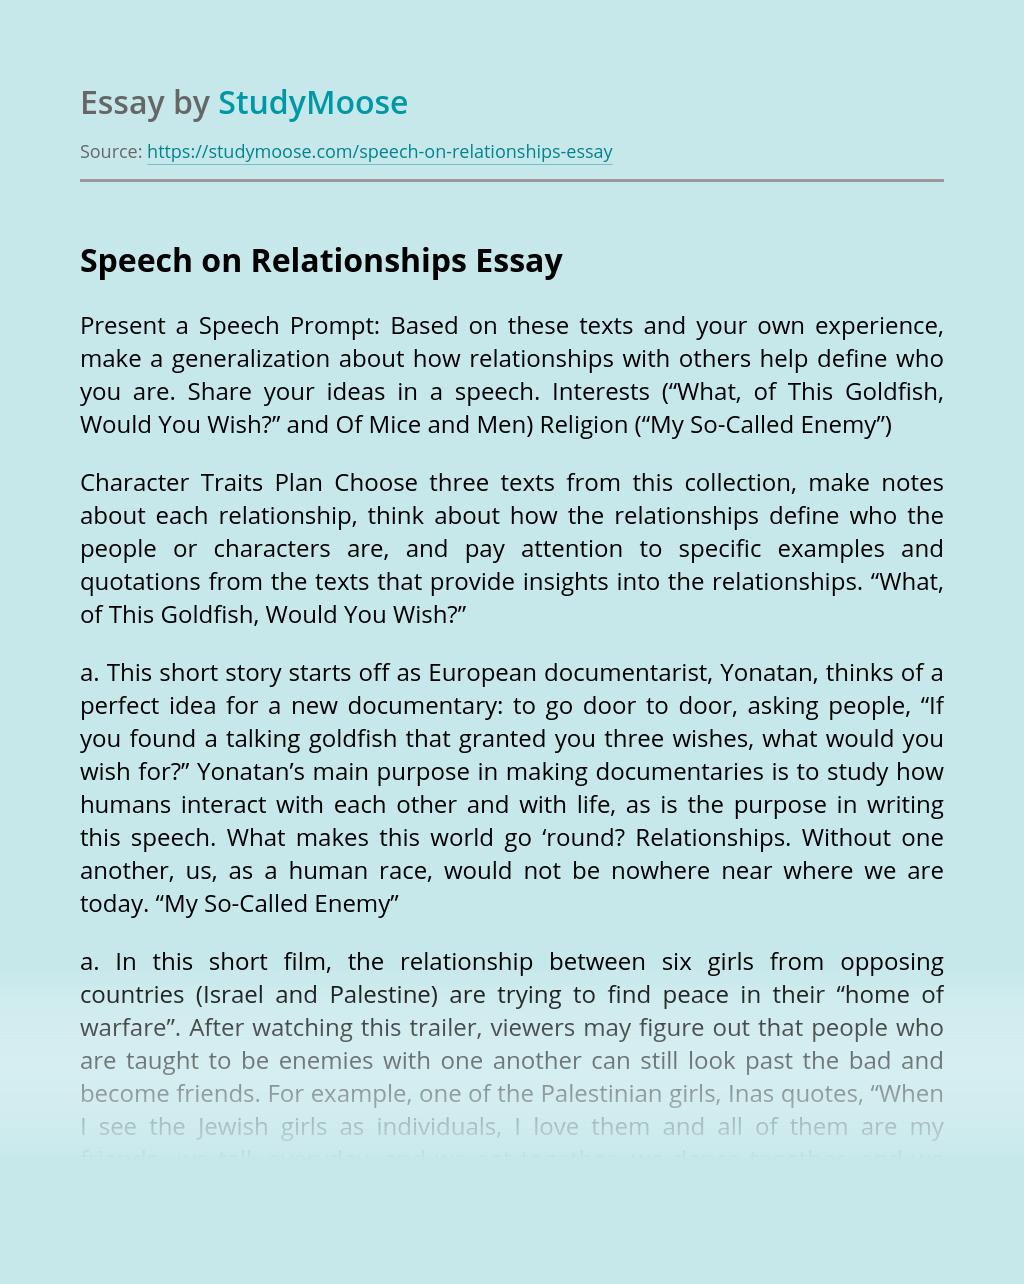 Speech on Relationships